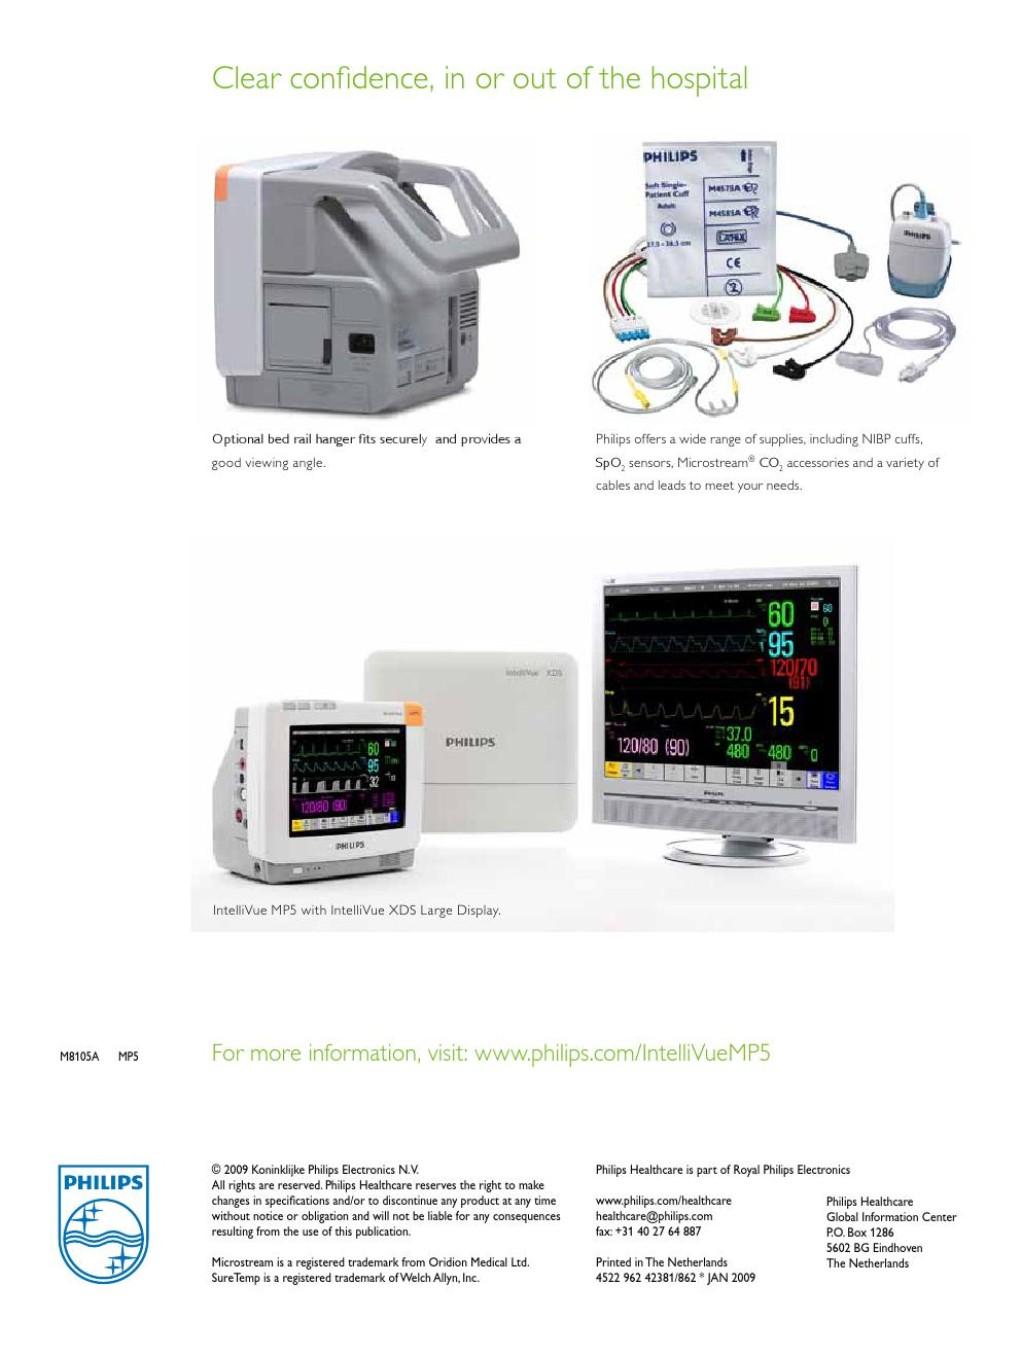 MP5 - Turimed Tıbbi Cihazlar,Philips Ultrason,Philips Hastabaşı